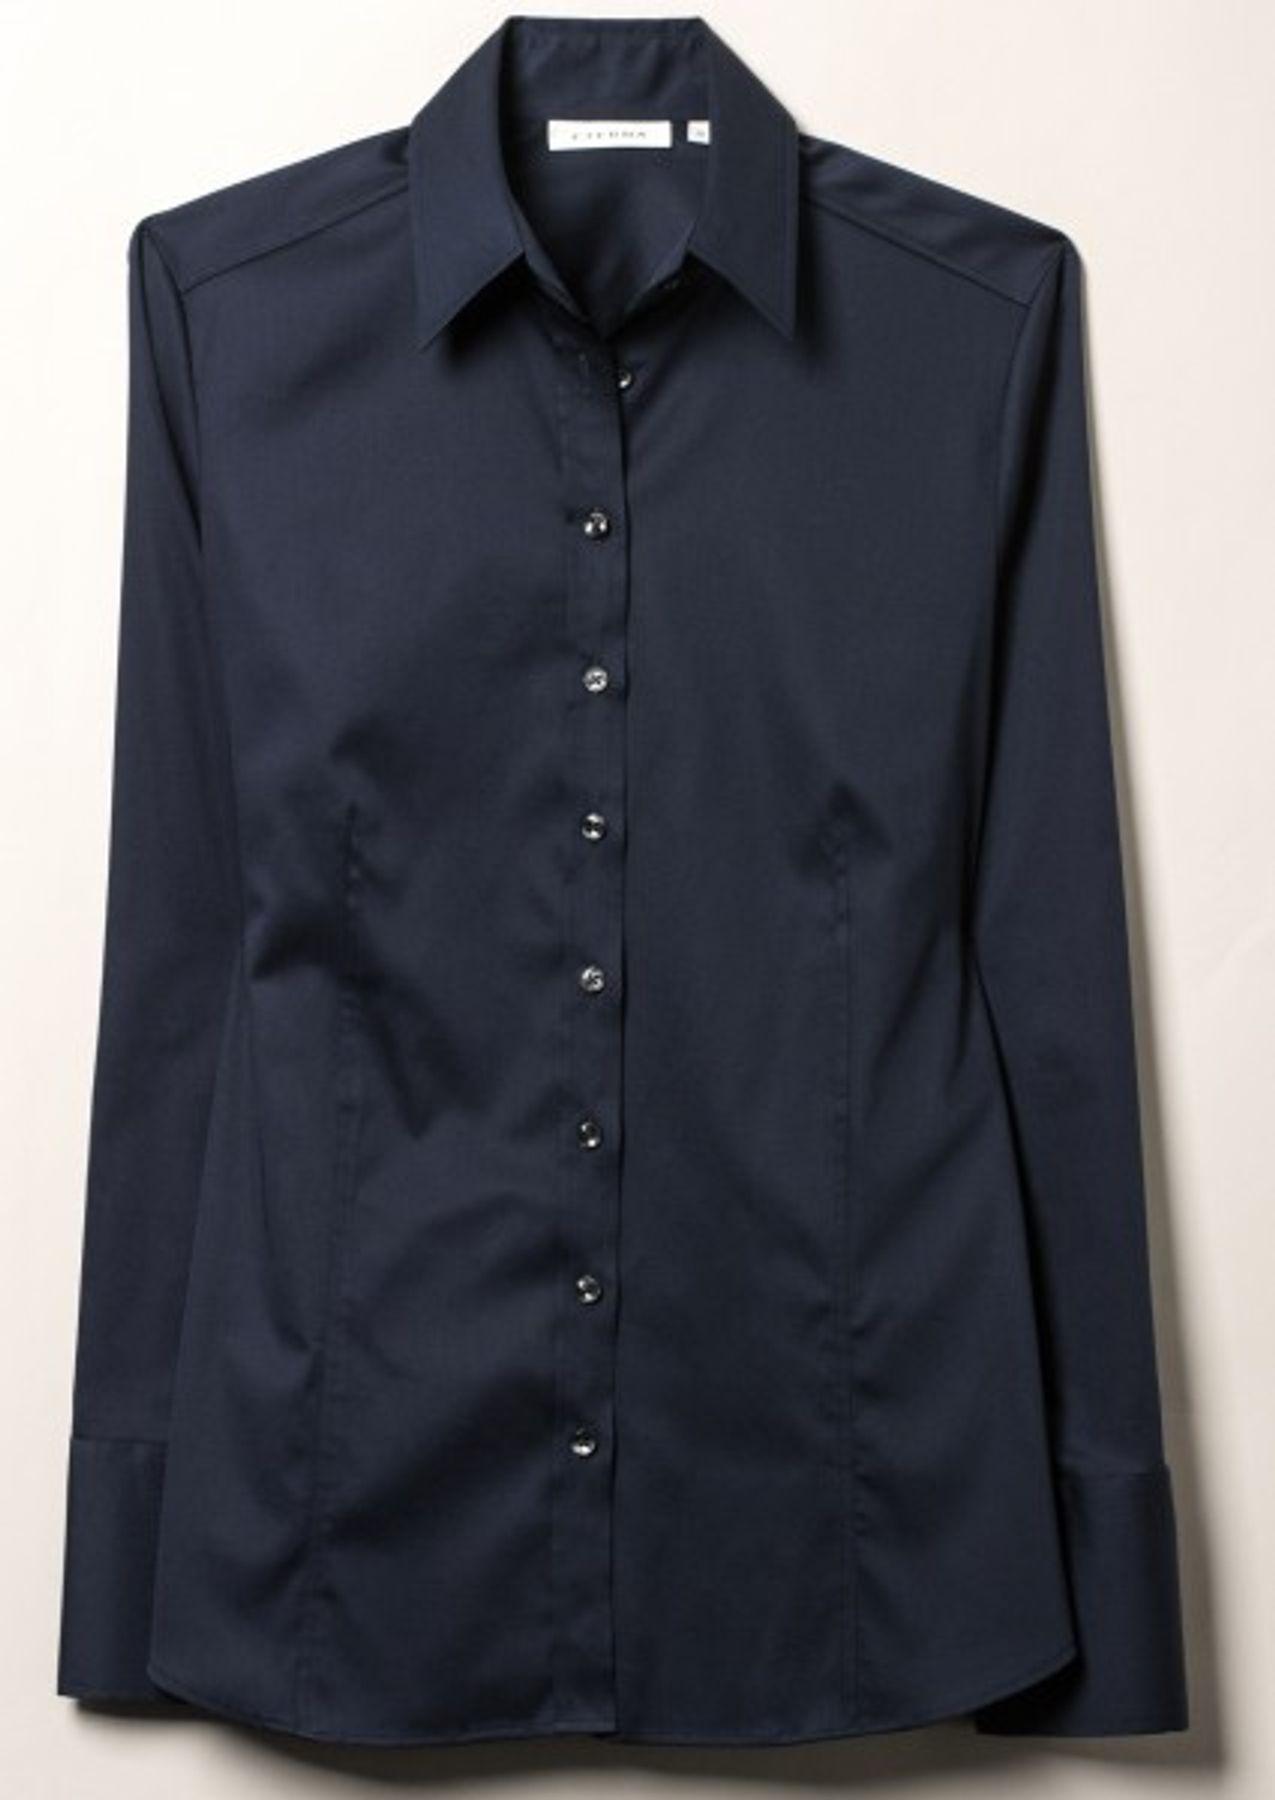 Eterna -  Comfort-Fit - Bügelfreie Damen Bluse Langarm in Weiß, Blau oder Rosé (5352 D624) – Bild 14